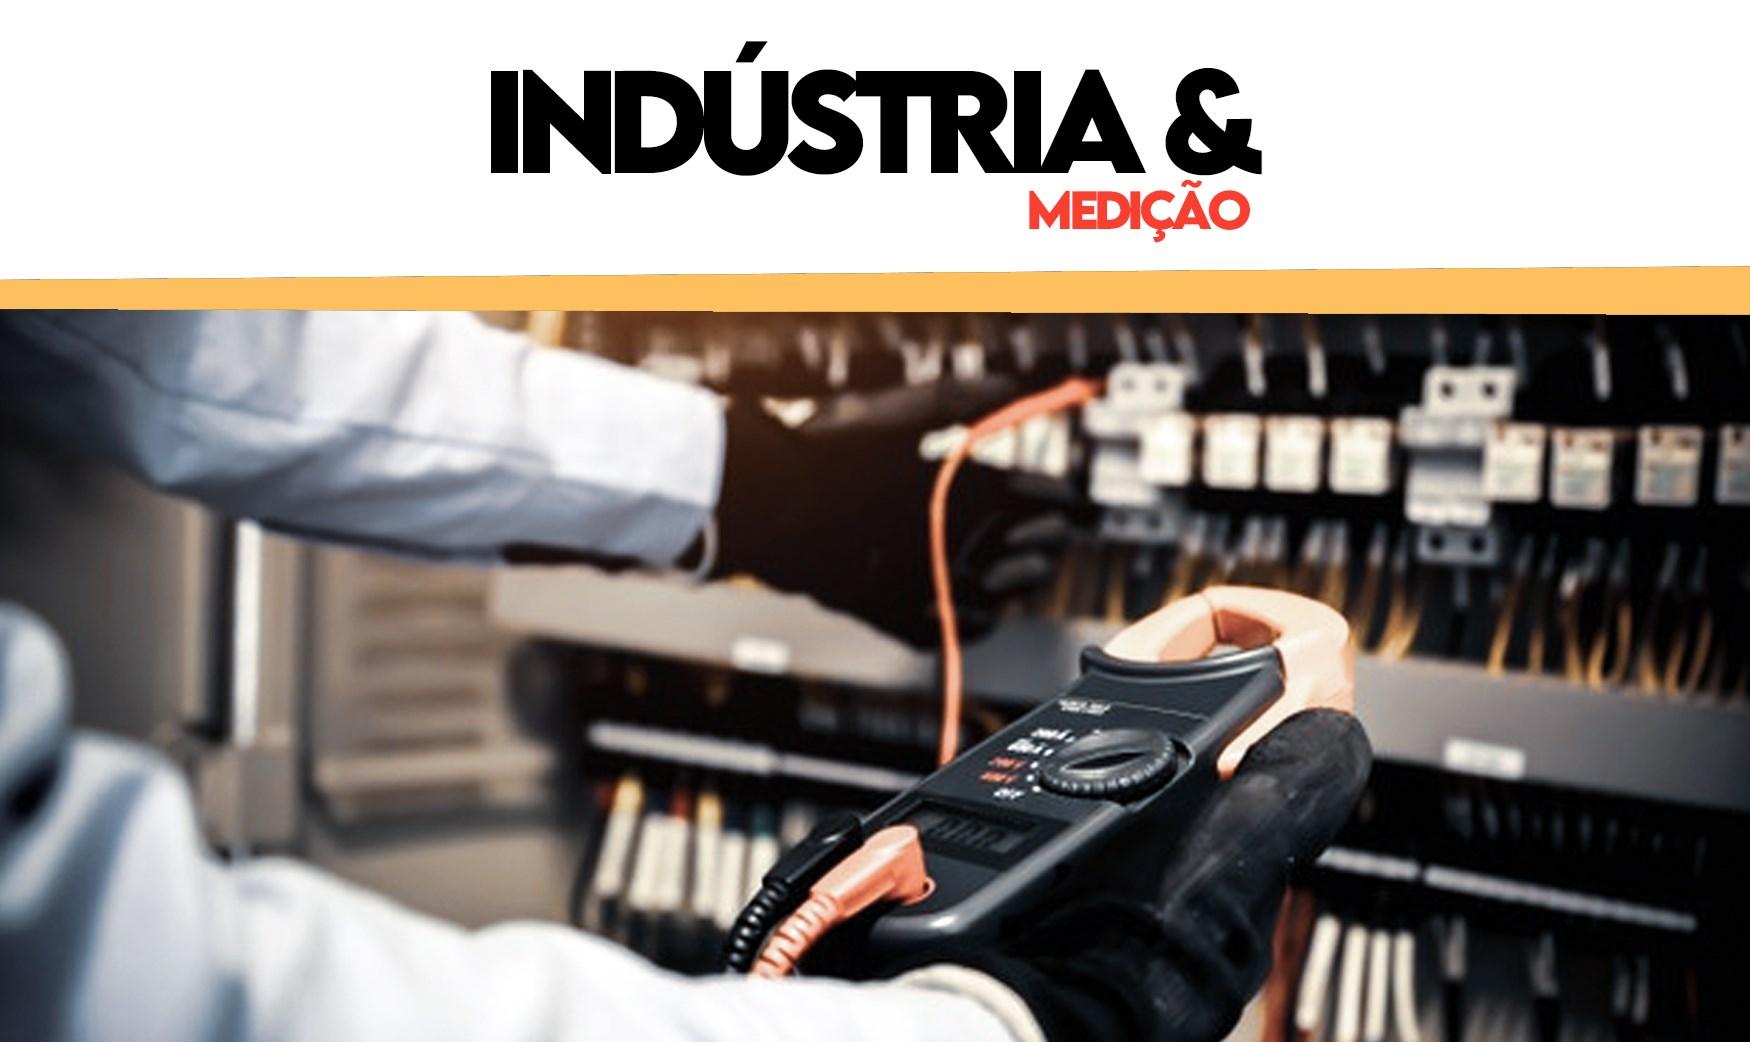 Indústria e Medição